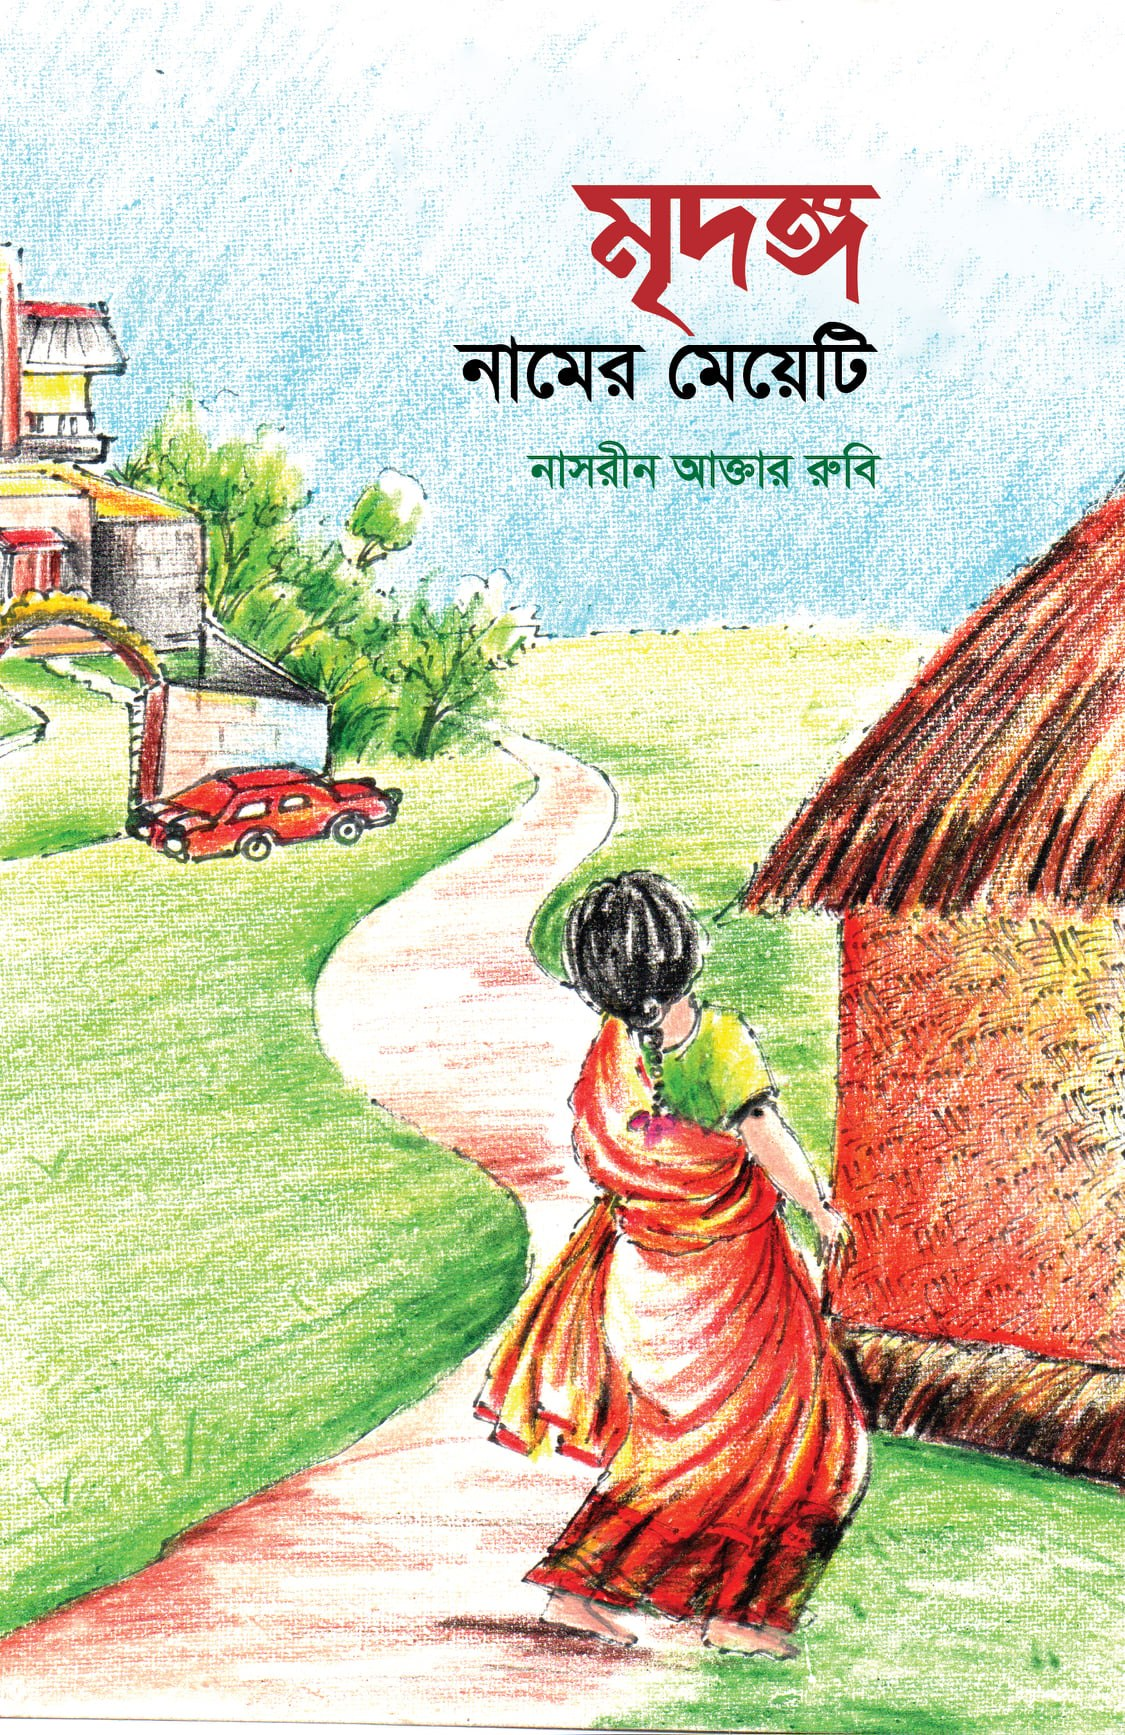 শ্রীহট্ট প্রকাশ'র ৩য় প্রদর্শনীতে উন্মোচিত 'মৃদঙ্গ নামের মেয়েটি'